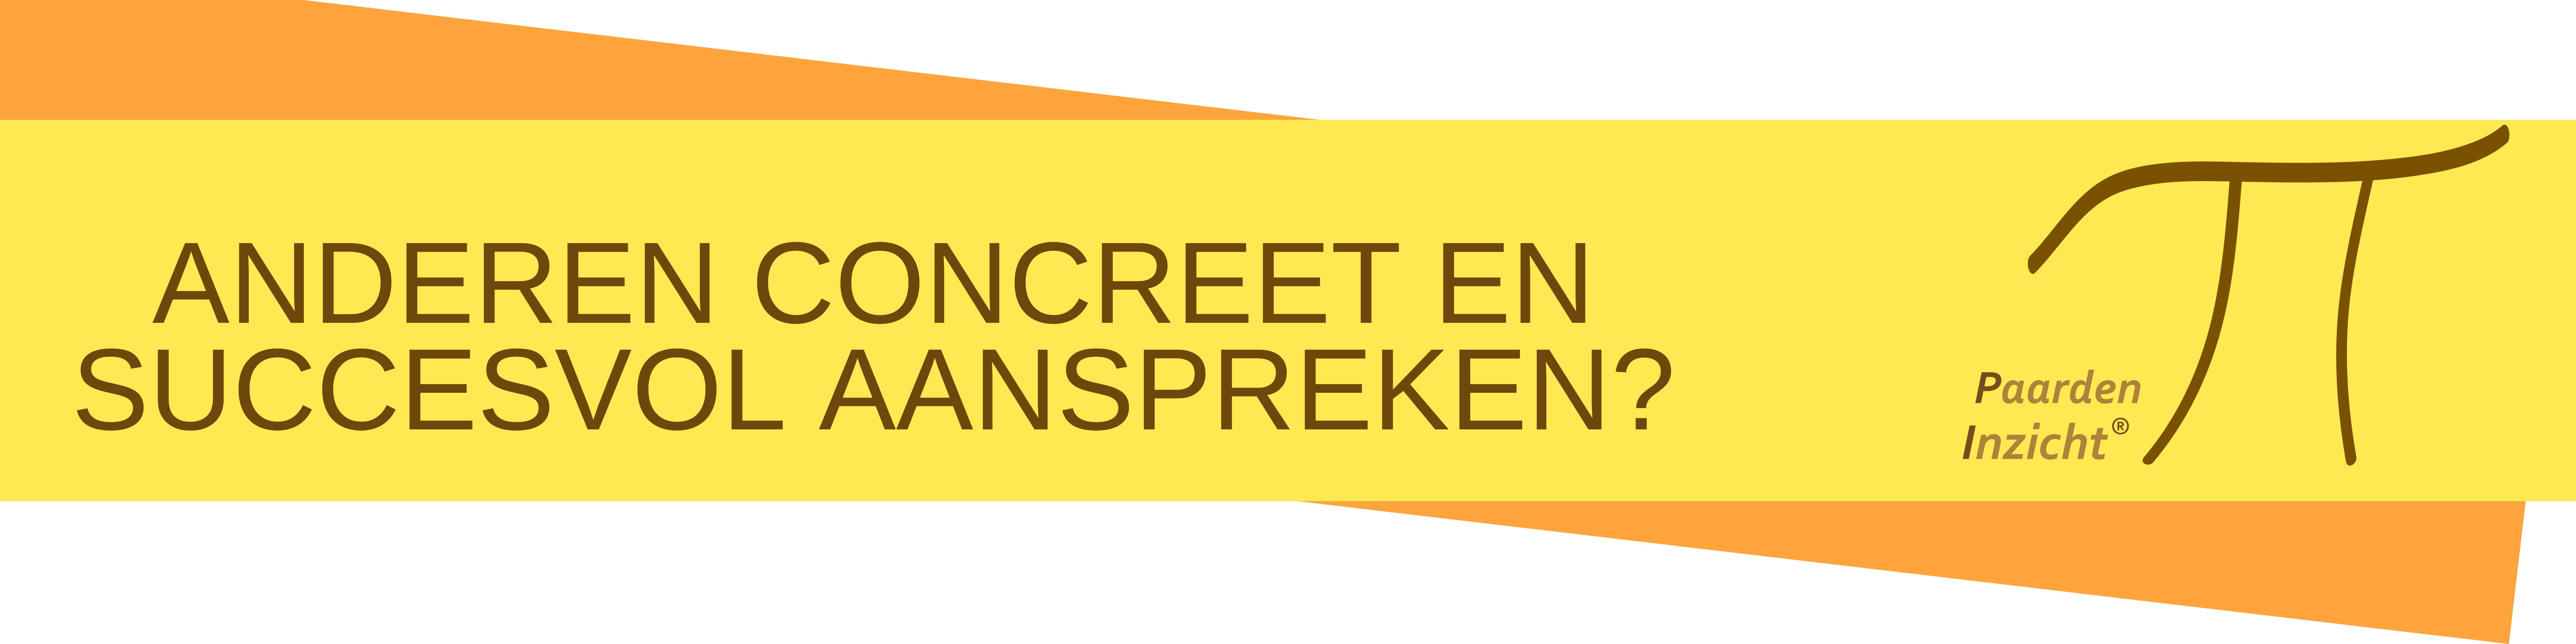 Anderen Concreet en succesvol aanspreken? Power Aanspreken / PaardenInzicht.nl